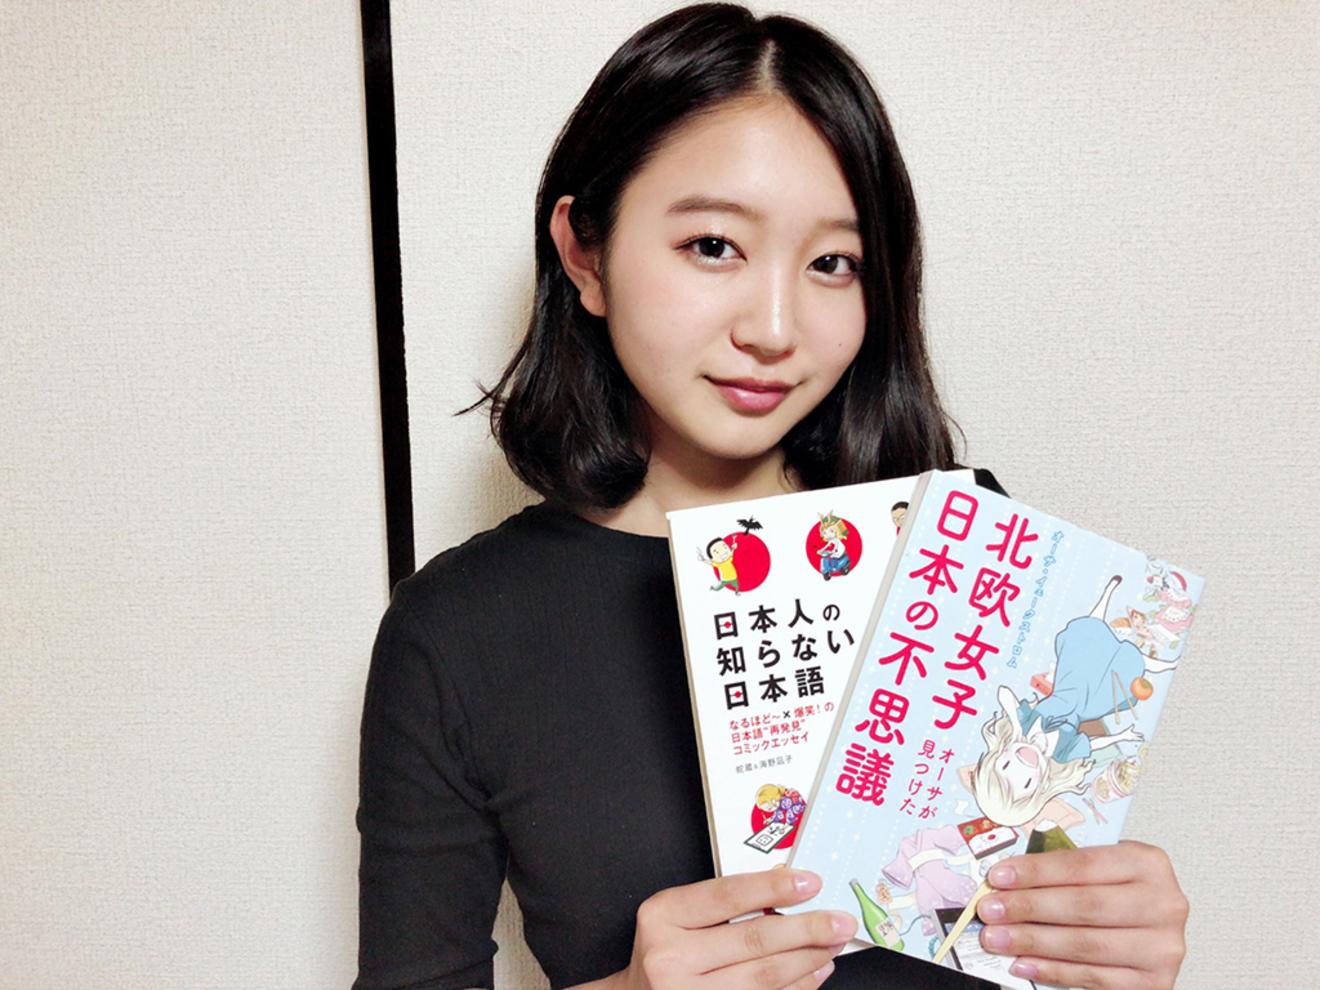 SUPER☆GiRLS内村莉彩がセレクトした「日本」をテーマにした本